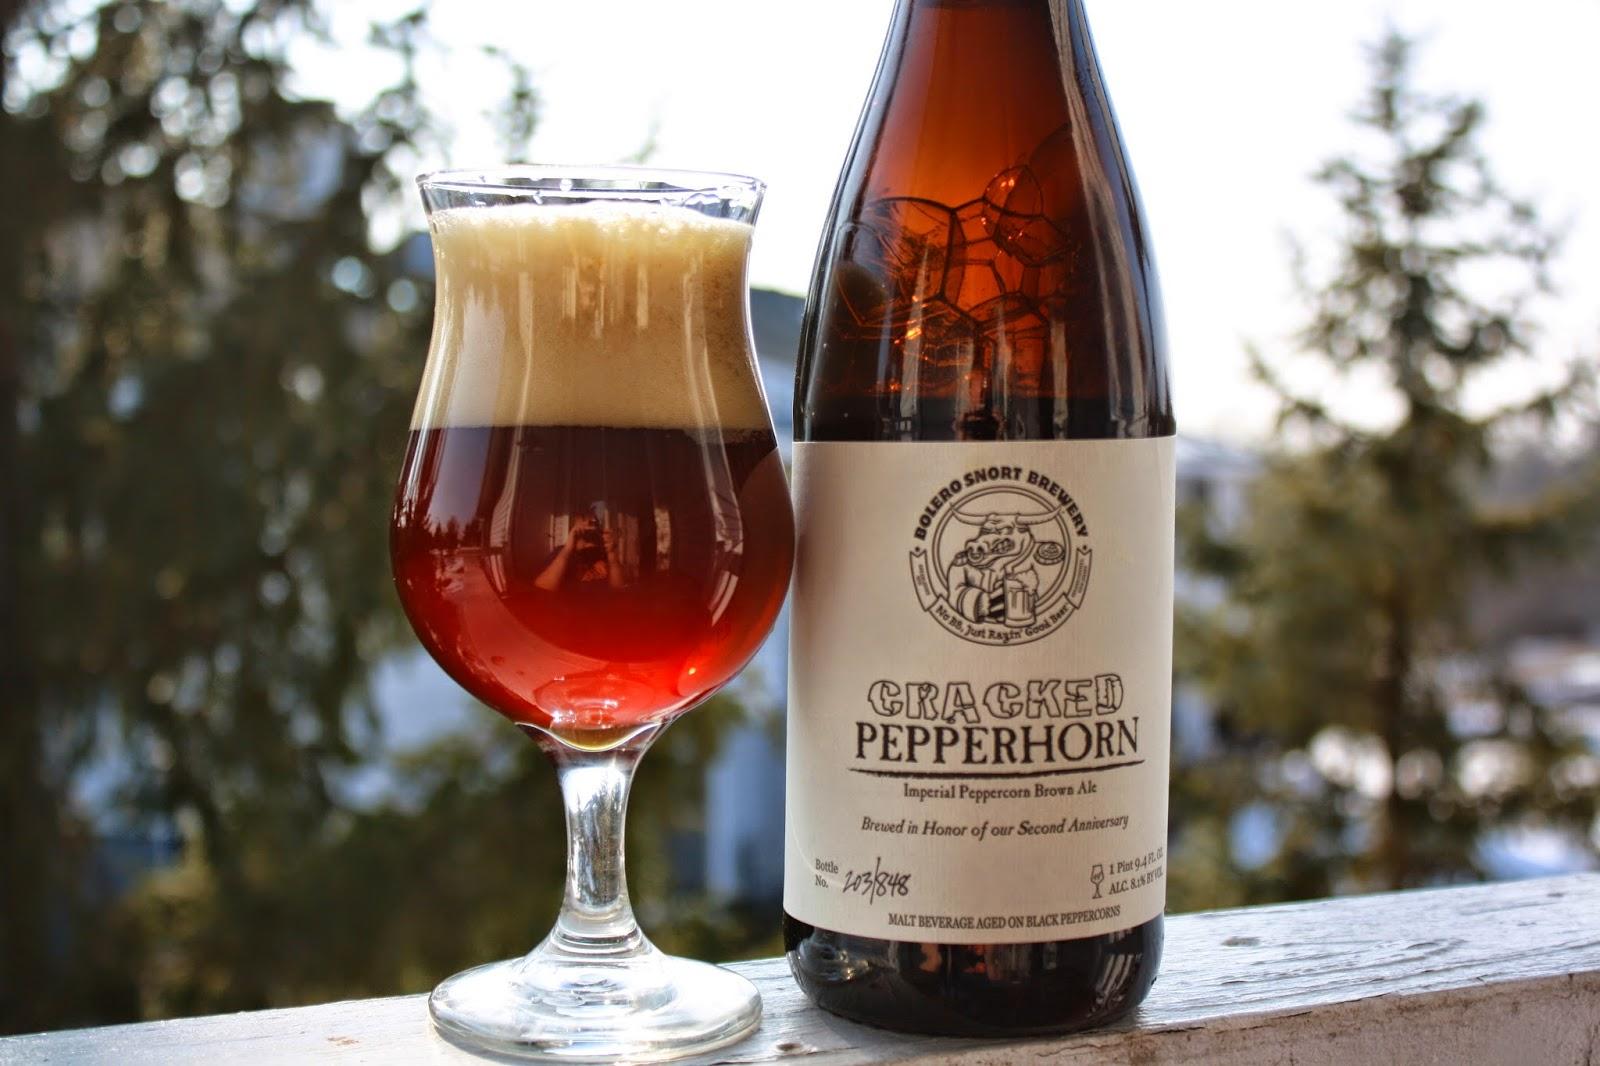 Bolero Snort Brewery, Craft Beer, Cracked Pepperhorn, New Jersey